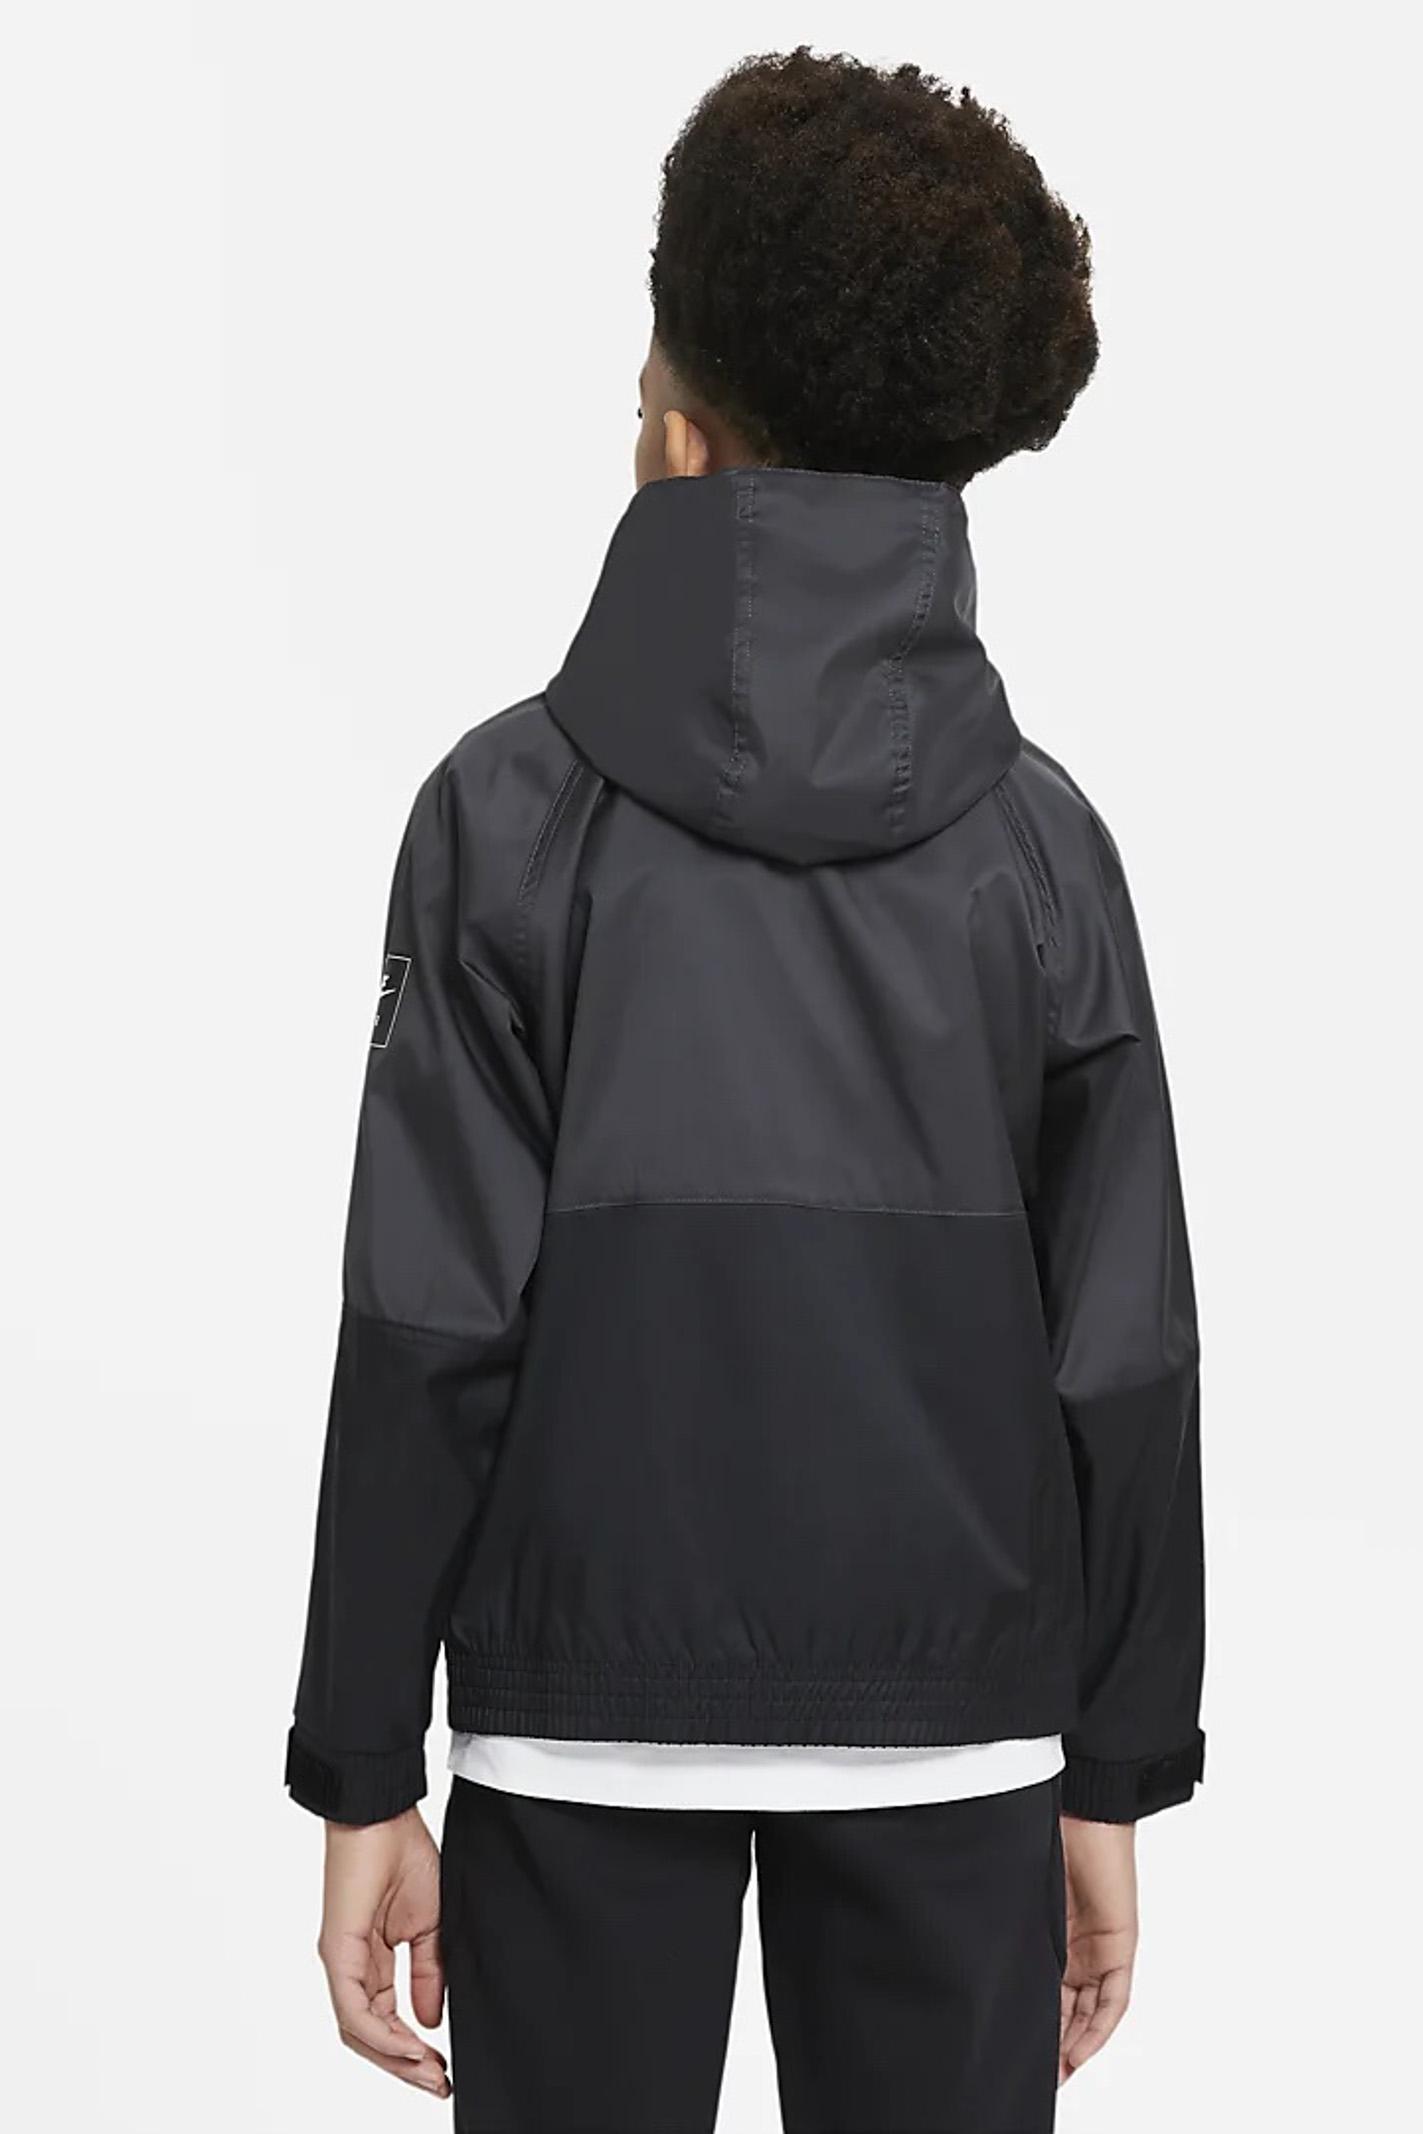 Giubbotto bambino nero Nike in tessuto idrorepellente con cappuccio NIKE   Giubbotti   DA0704010